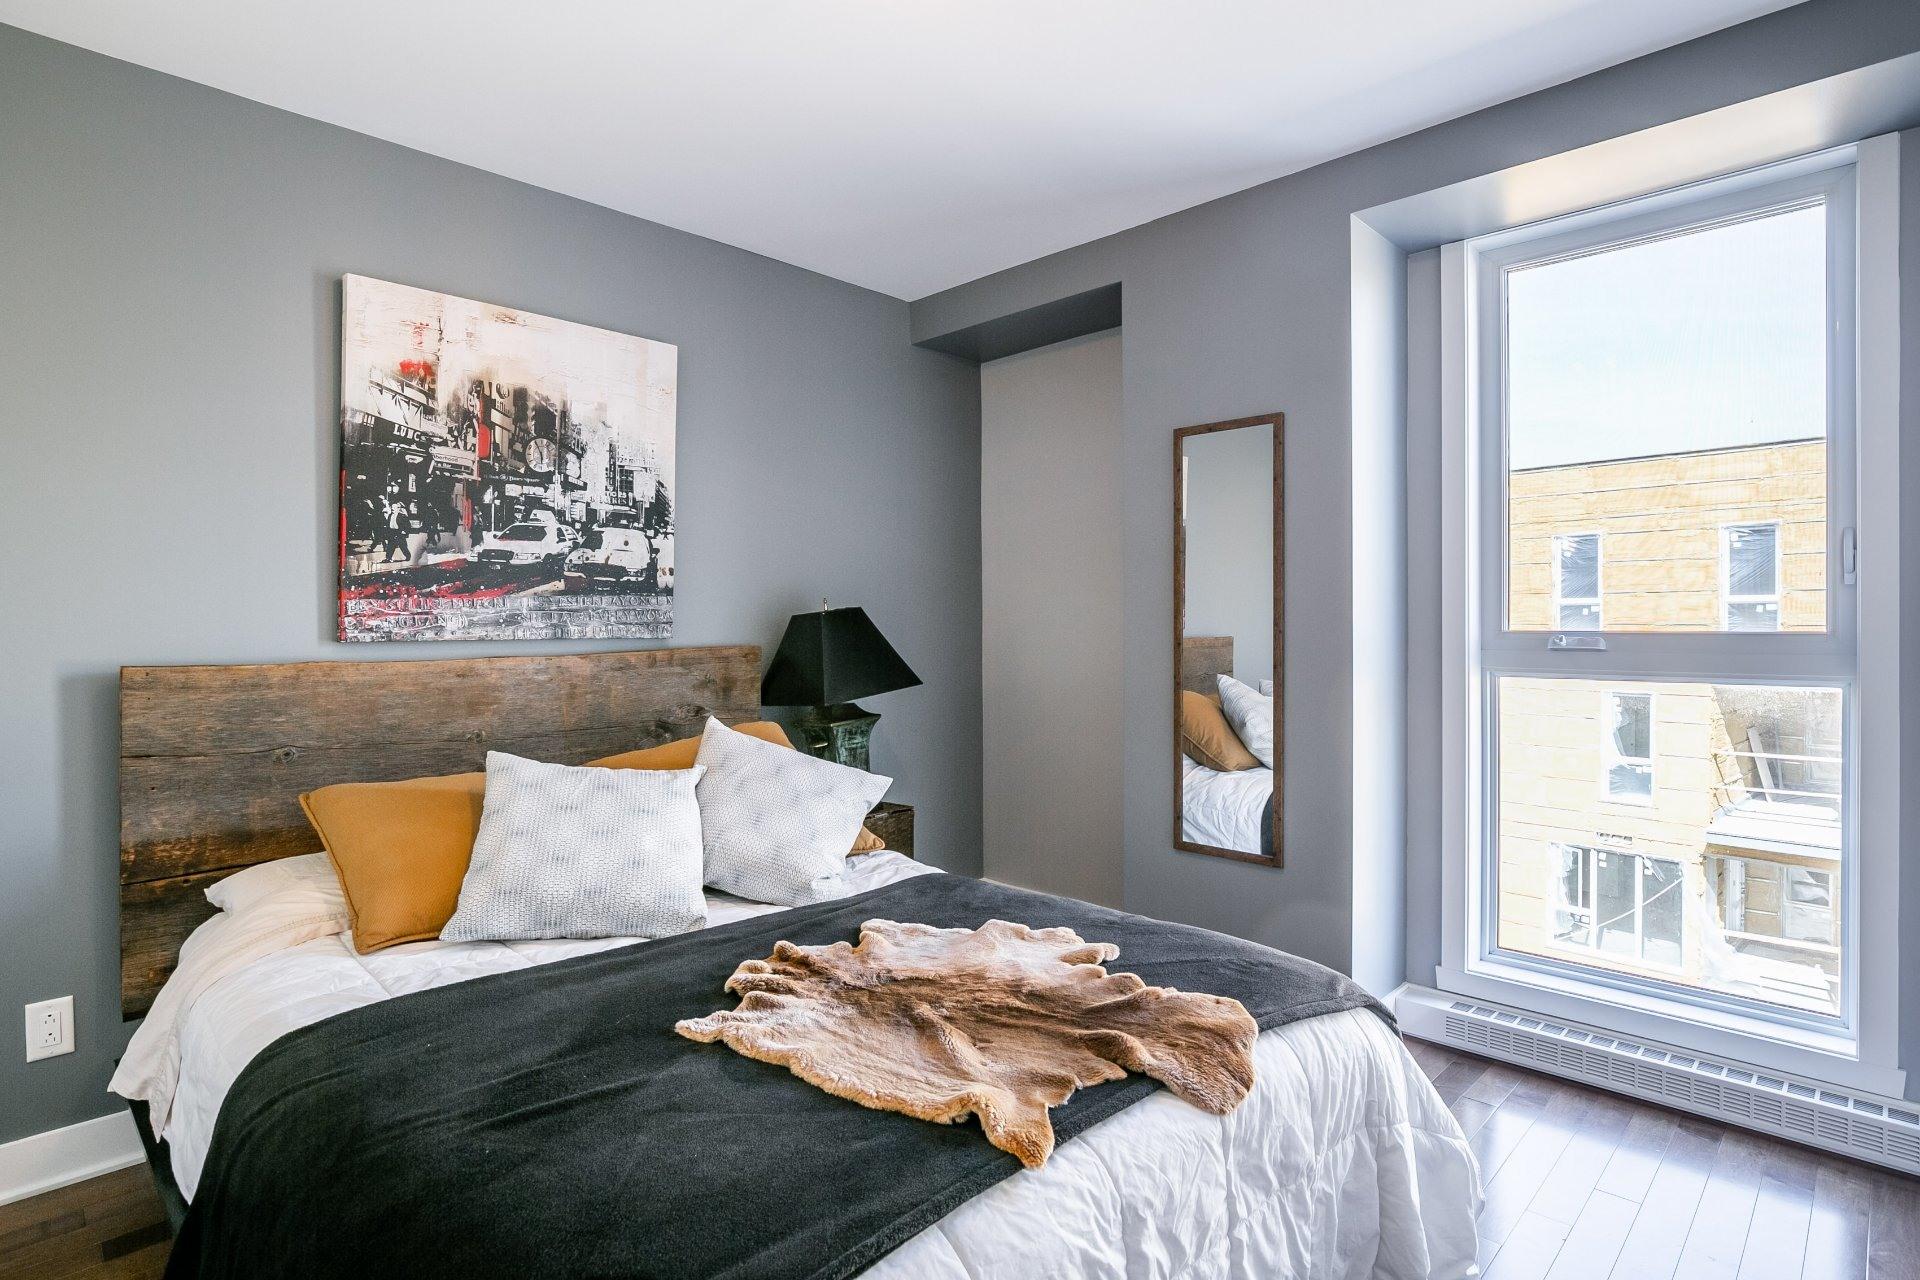 image 13 - Appartement À vendre Ahuntsic-Cartierville Montréal  - 5 pièces